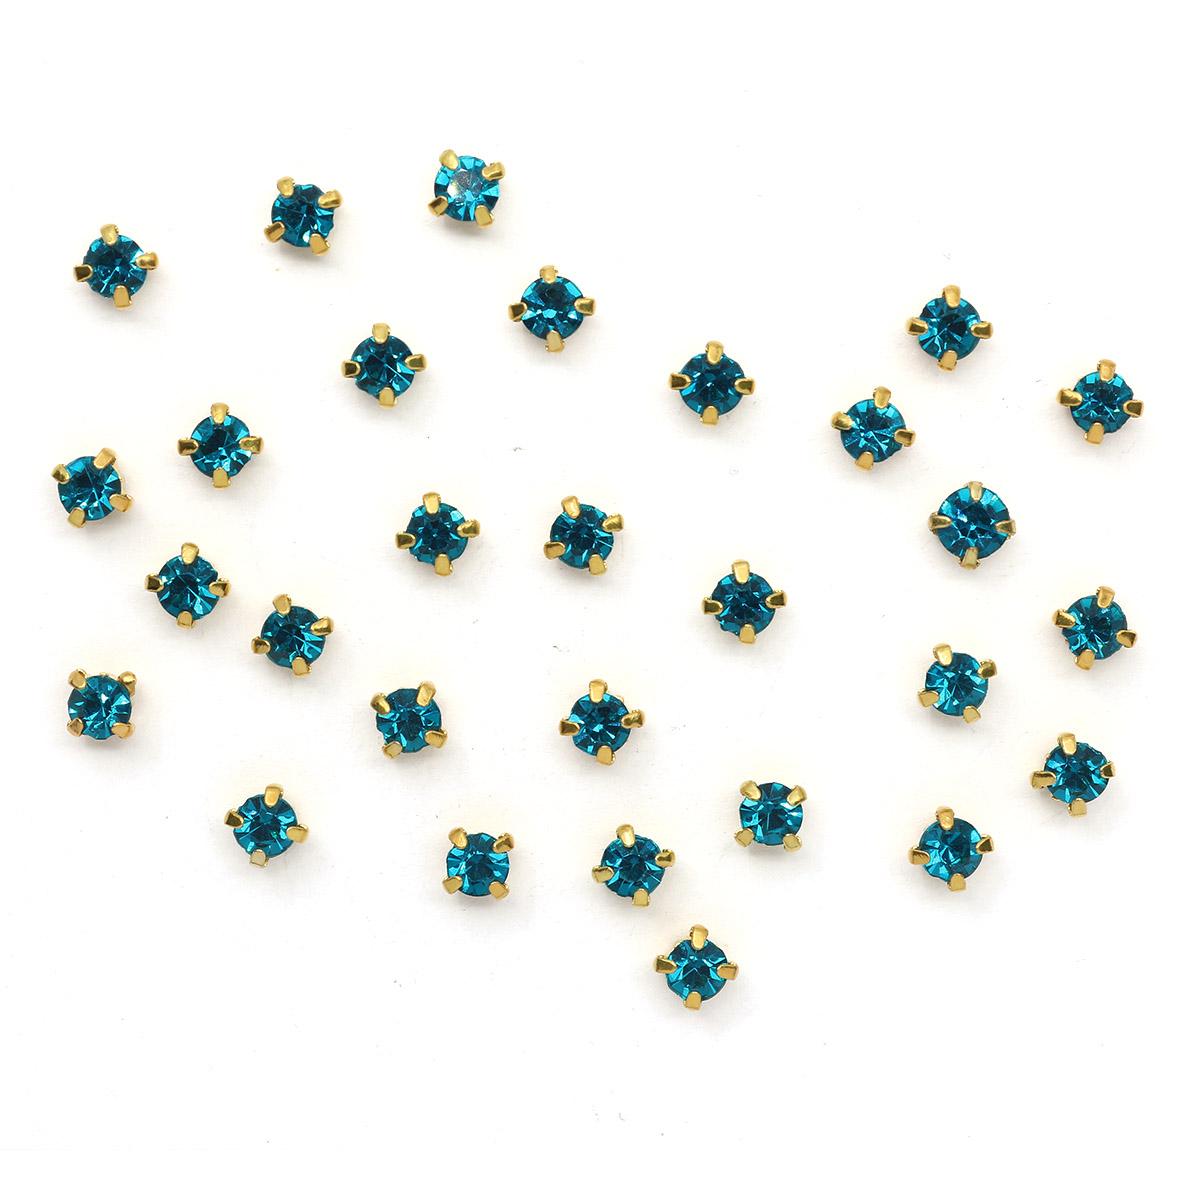 ЗЦ005НН44 Хрустальные стразы в цапах круглые (золото) лазурный 4*4мм,29-30шт/упак Астра